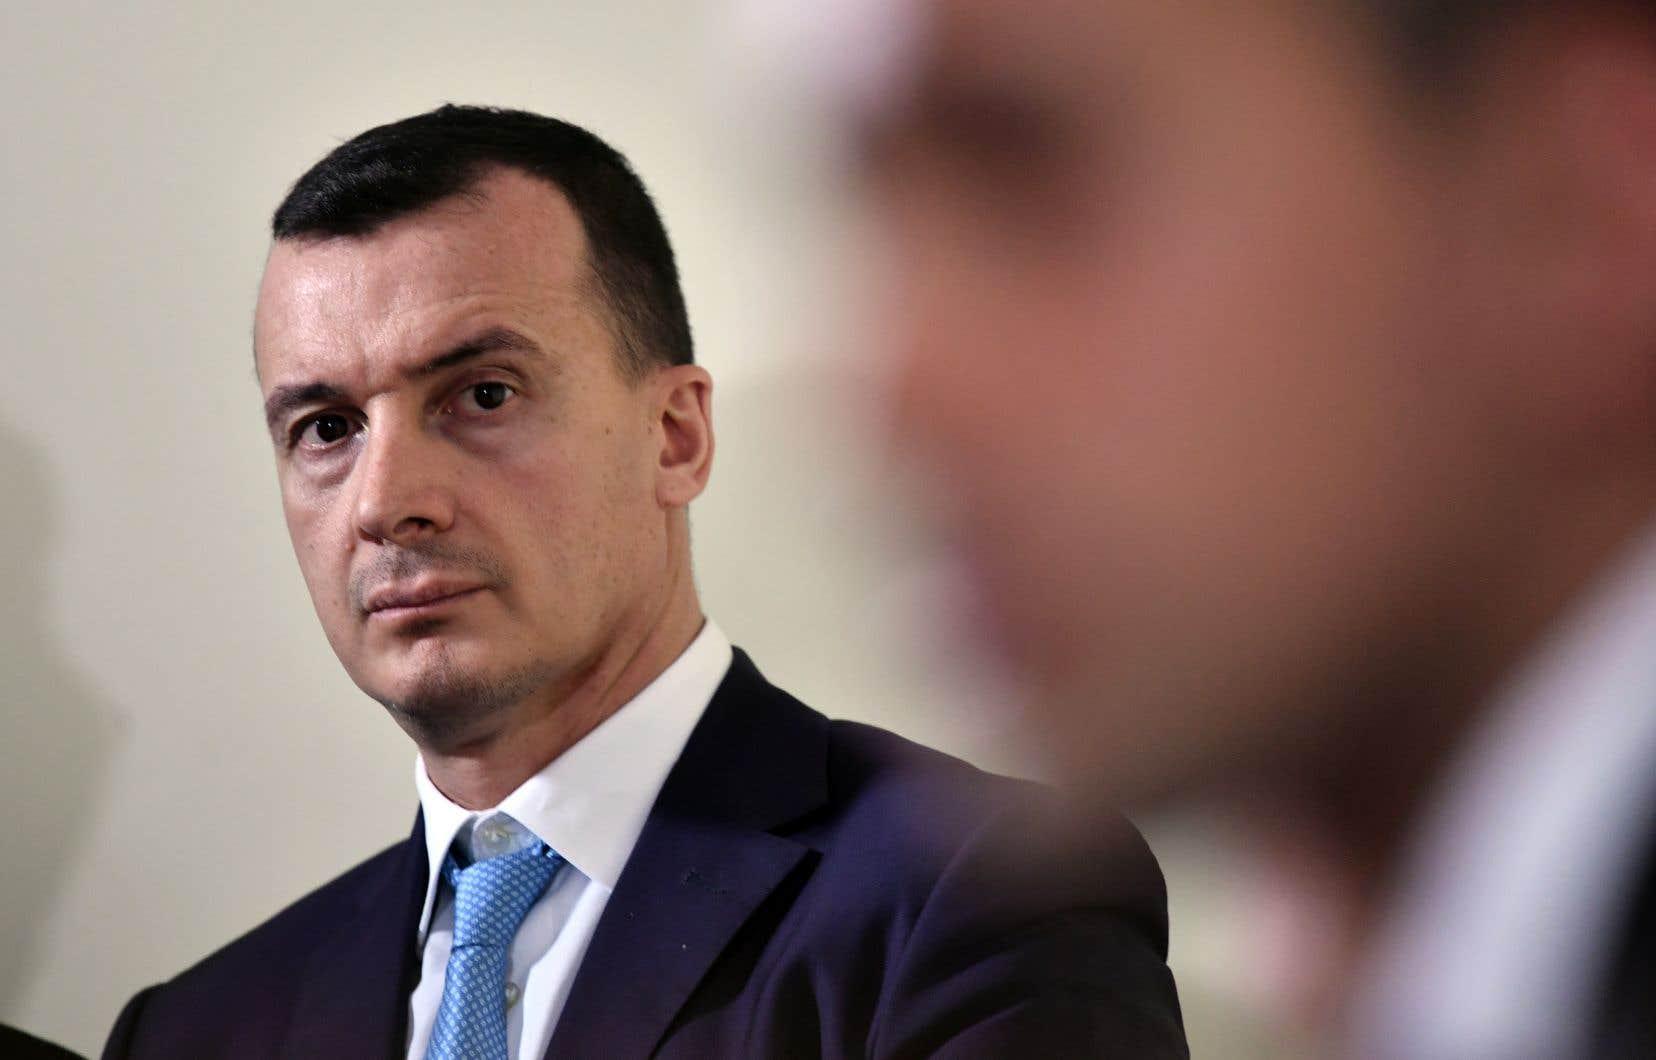 Dans un enregistrement diffusé dans les médias,Rocco Casalino, porte-parole de Giuseppe Conte, annonce «une méga vengeance» sur les fonctionnaires des finances «s'ils ne sortent pas l'argent pour le revenu de citoyenneté».